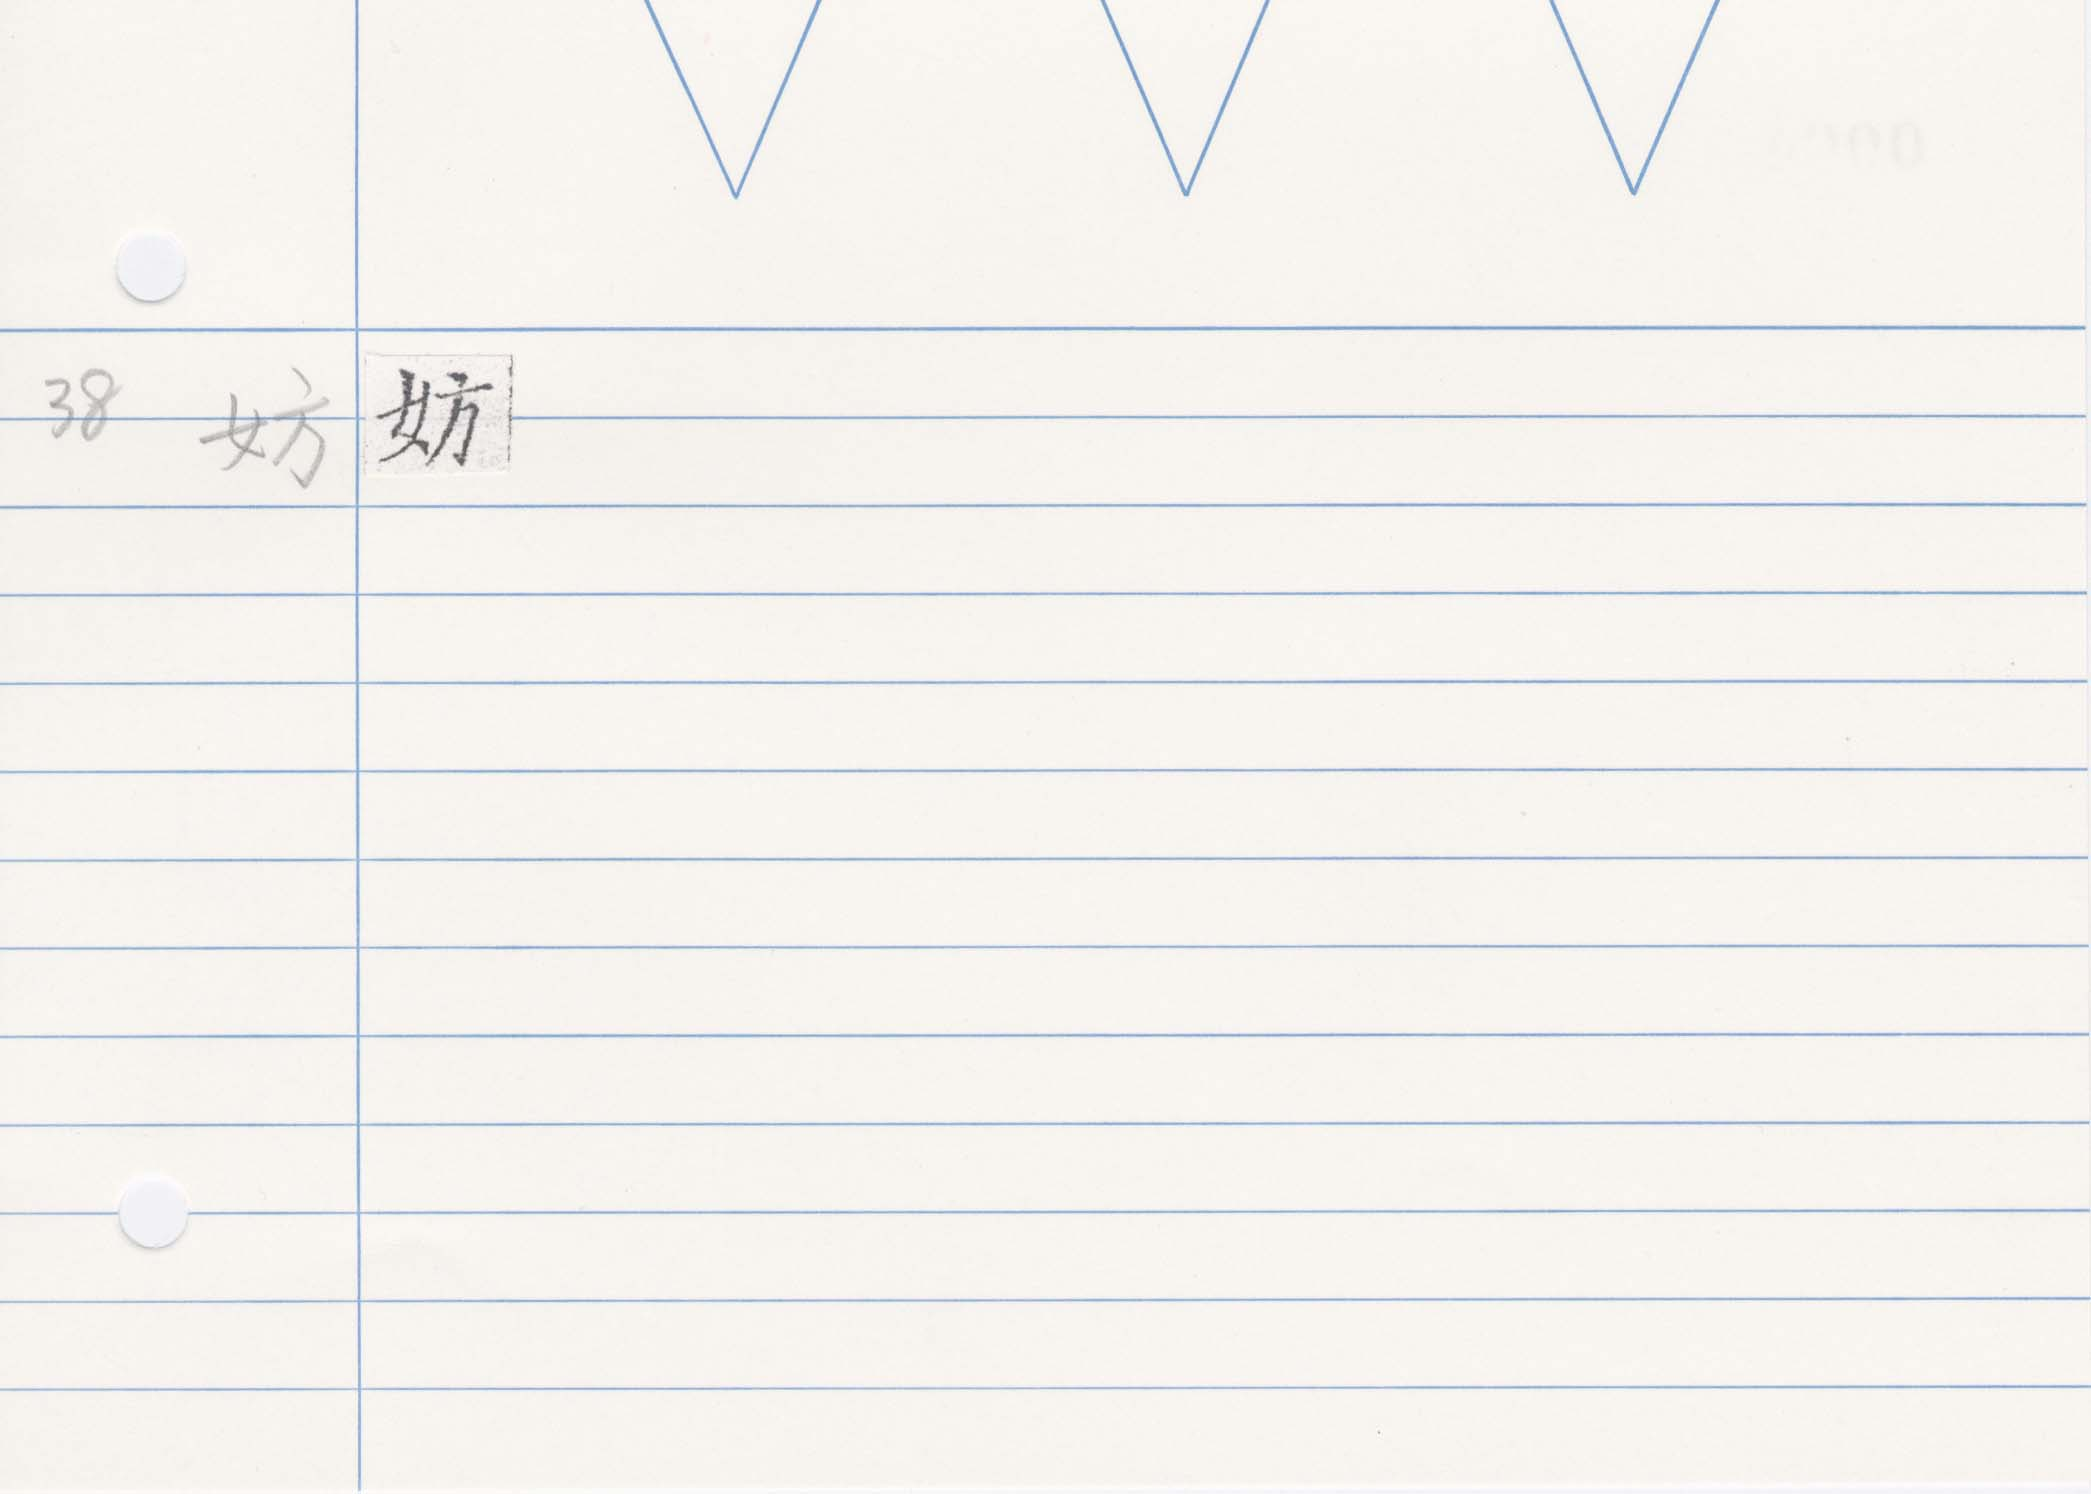 26_齊民要術卷五(高山寺本)/cards/0064.jpg